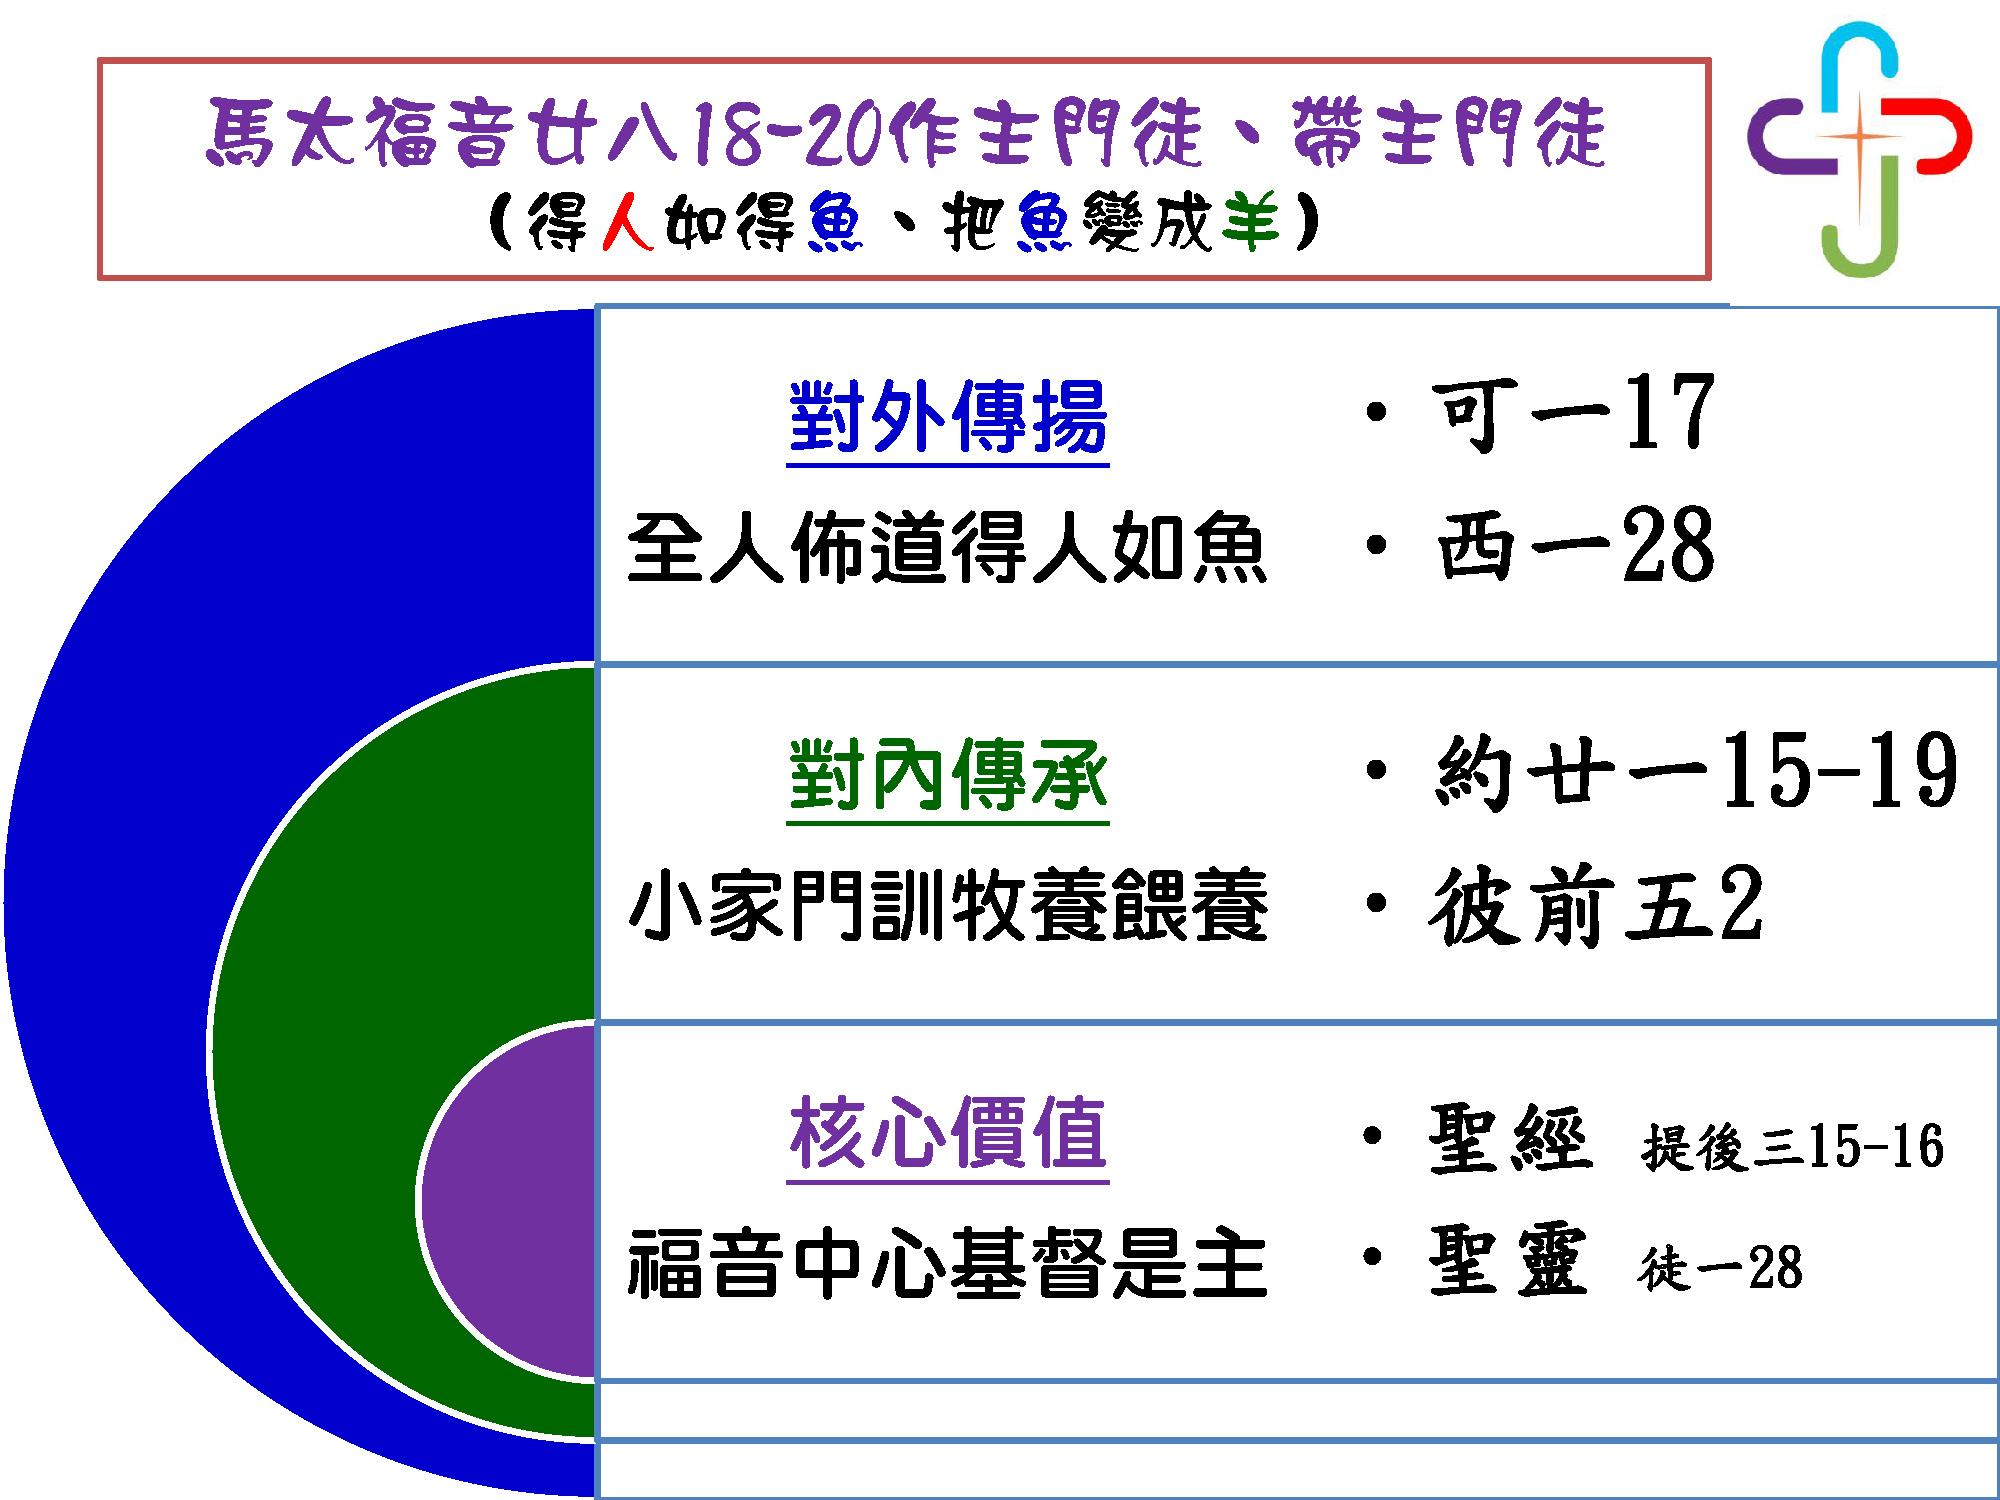 1-3-1教會系統與組織_頁面_1